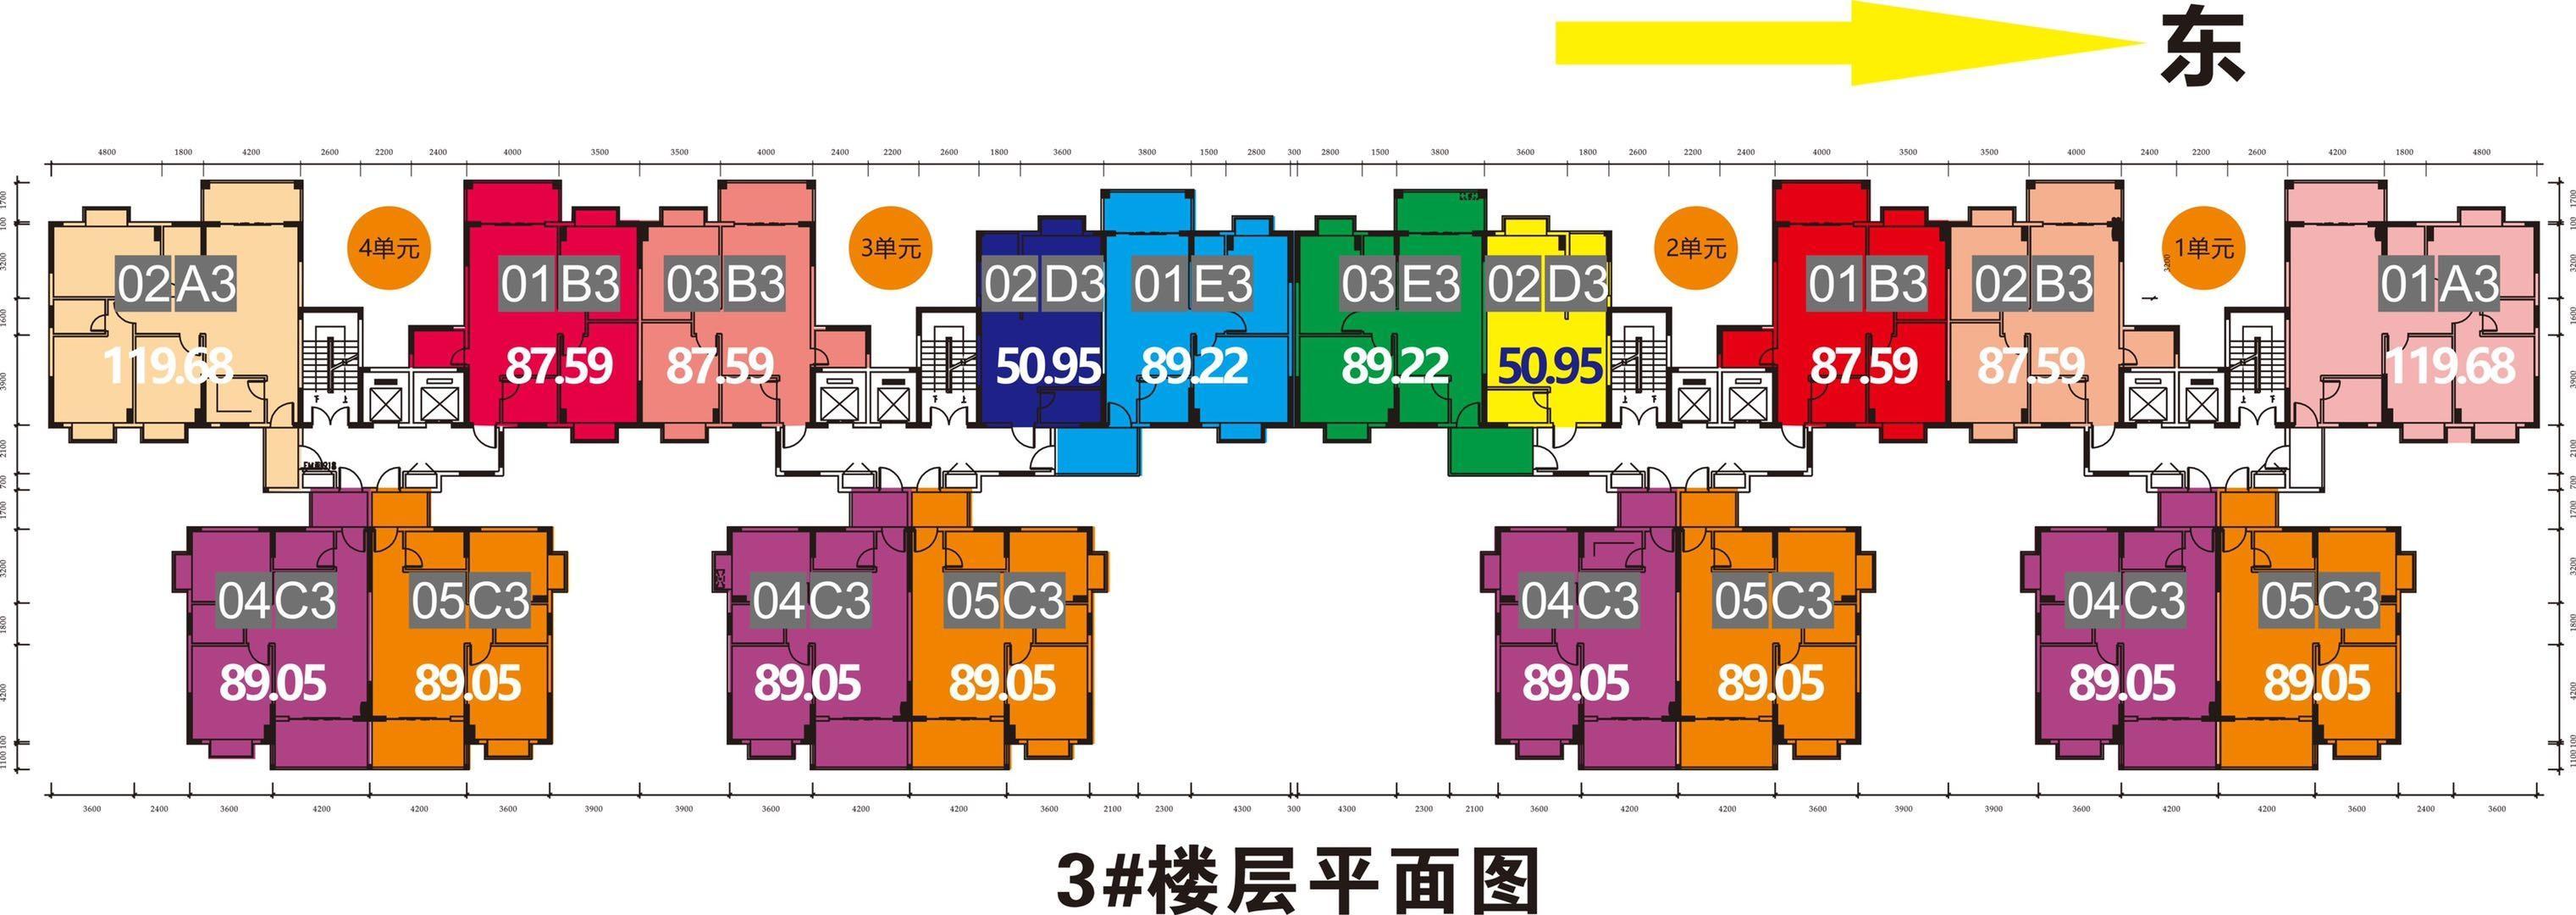 3#楼层平面图